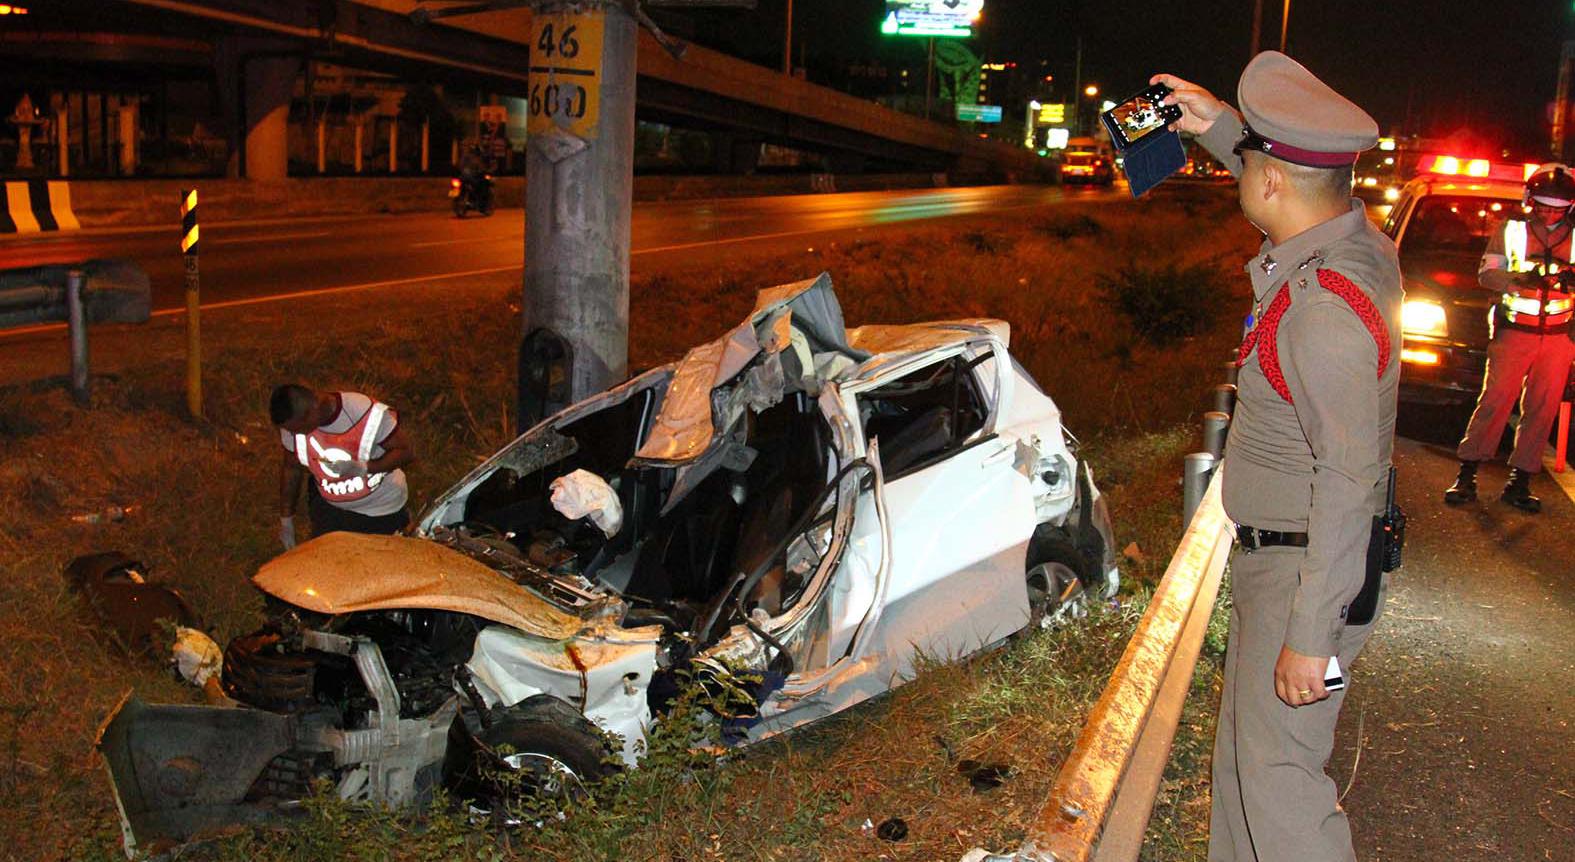 ขับรถถอดเสื้อ ข่าวรถชน ข่าวสดวันนี้ ข่าวอุบัติเหตุ